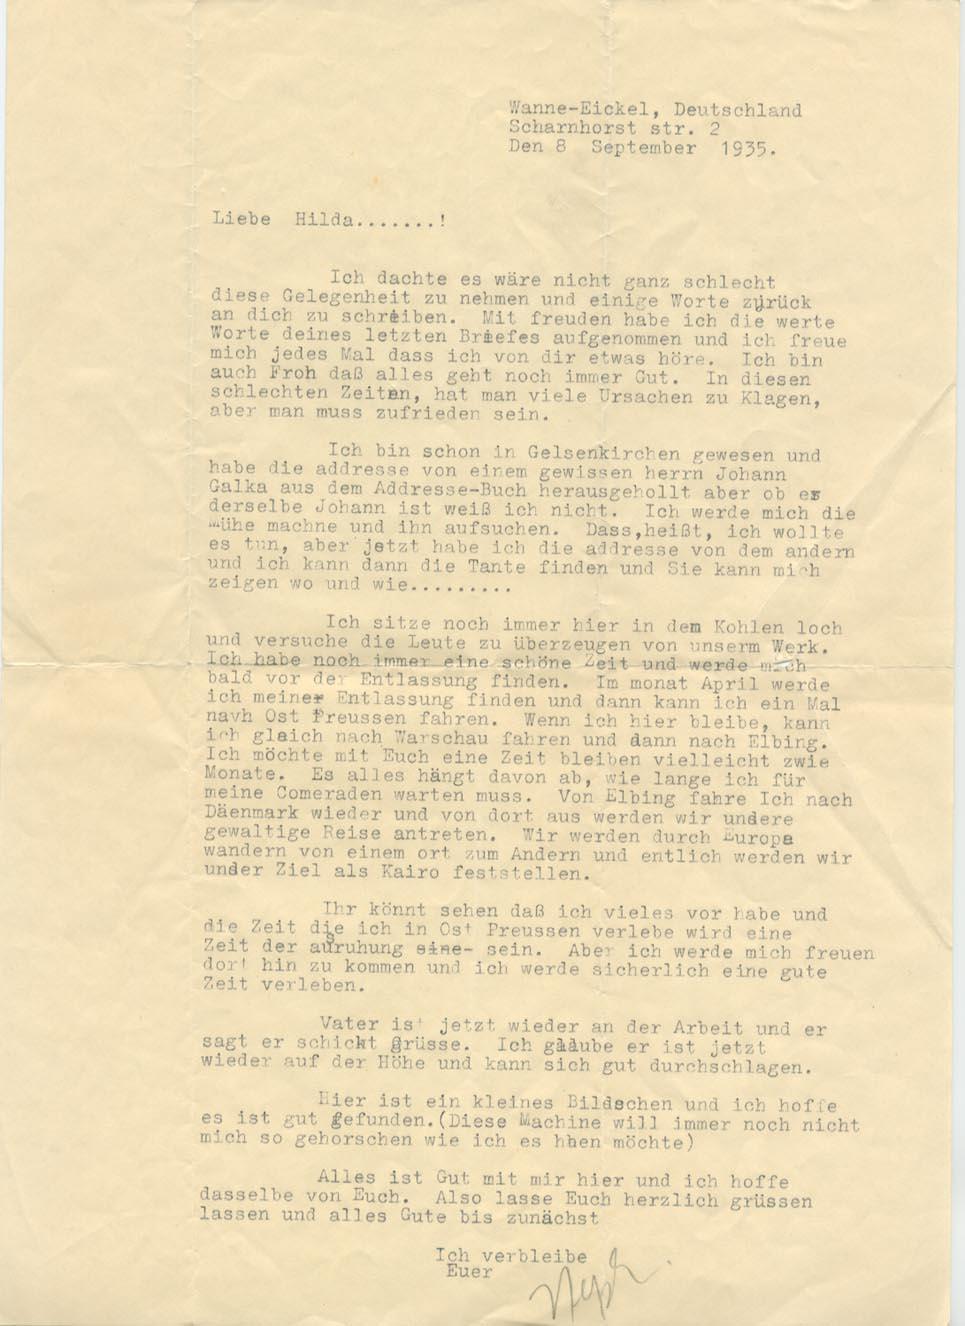 8 September 1935